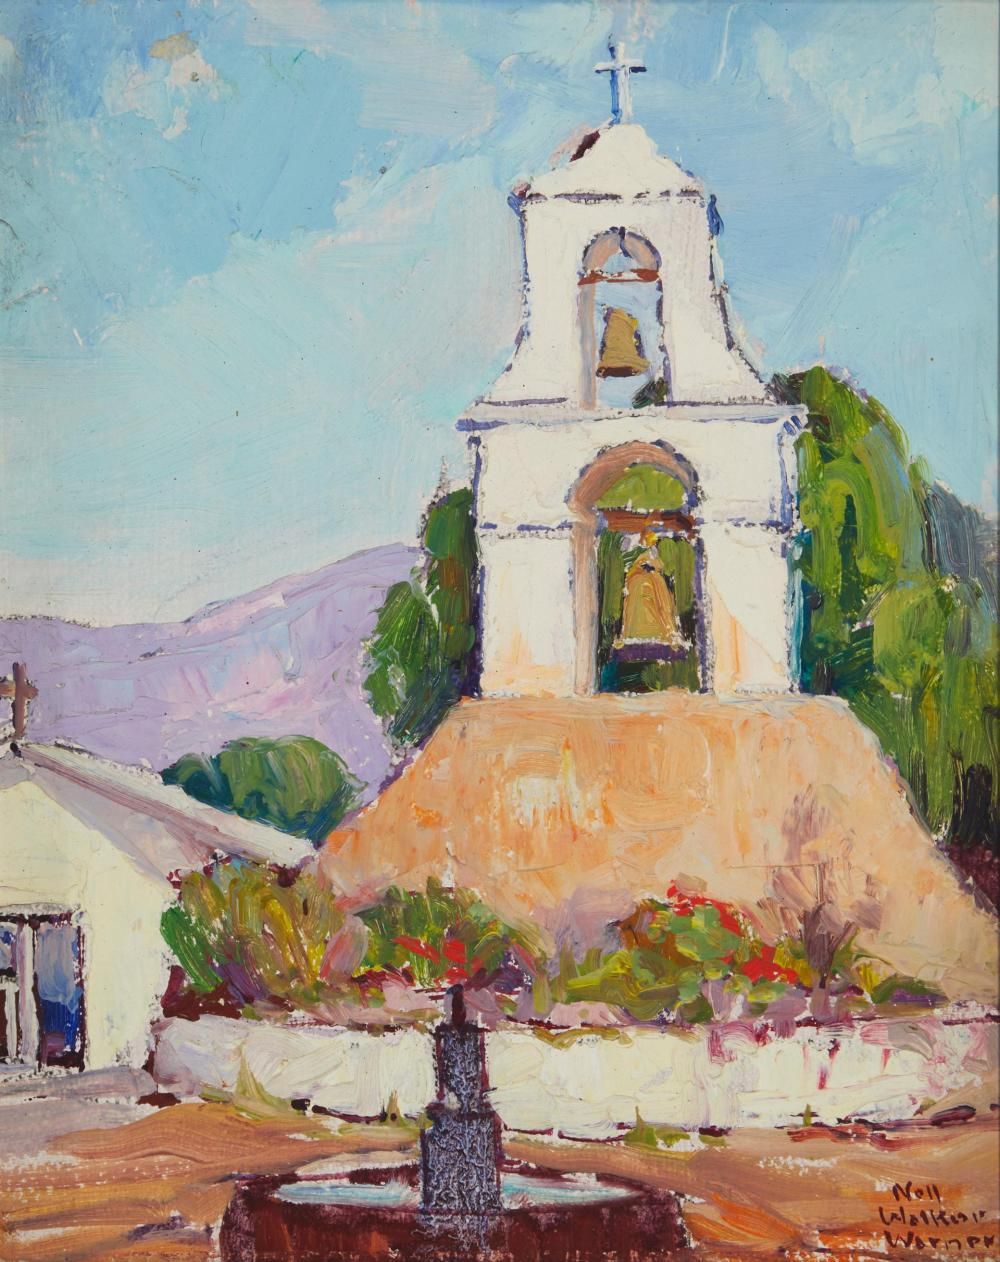 """Nell Walker Warner, (1891-1970, Carmel, CA), """"Pala Mission Tower"""", Oil on artist's board, 10"""" H x 8"""" W"""